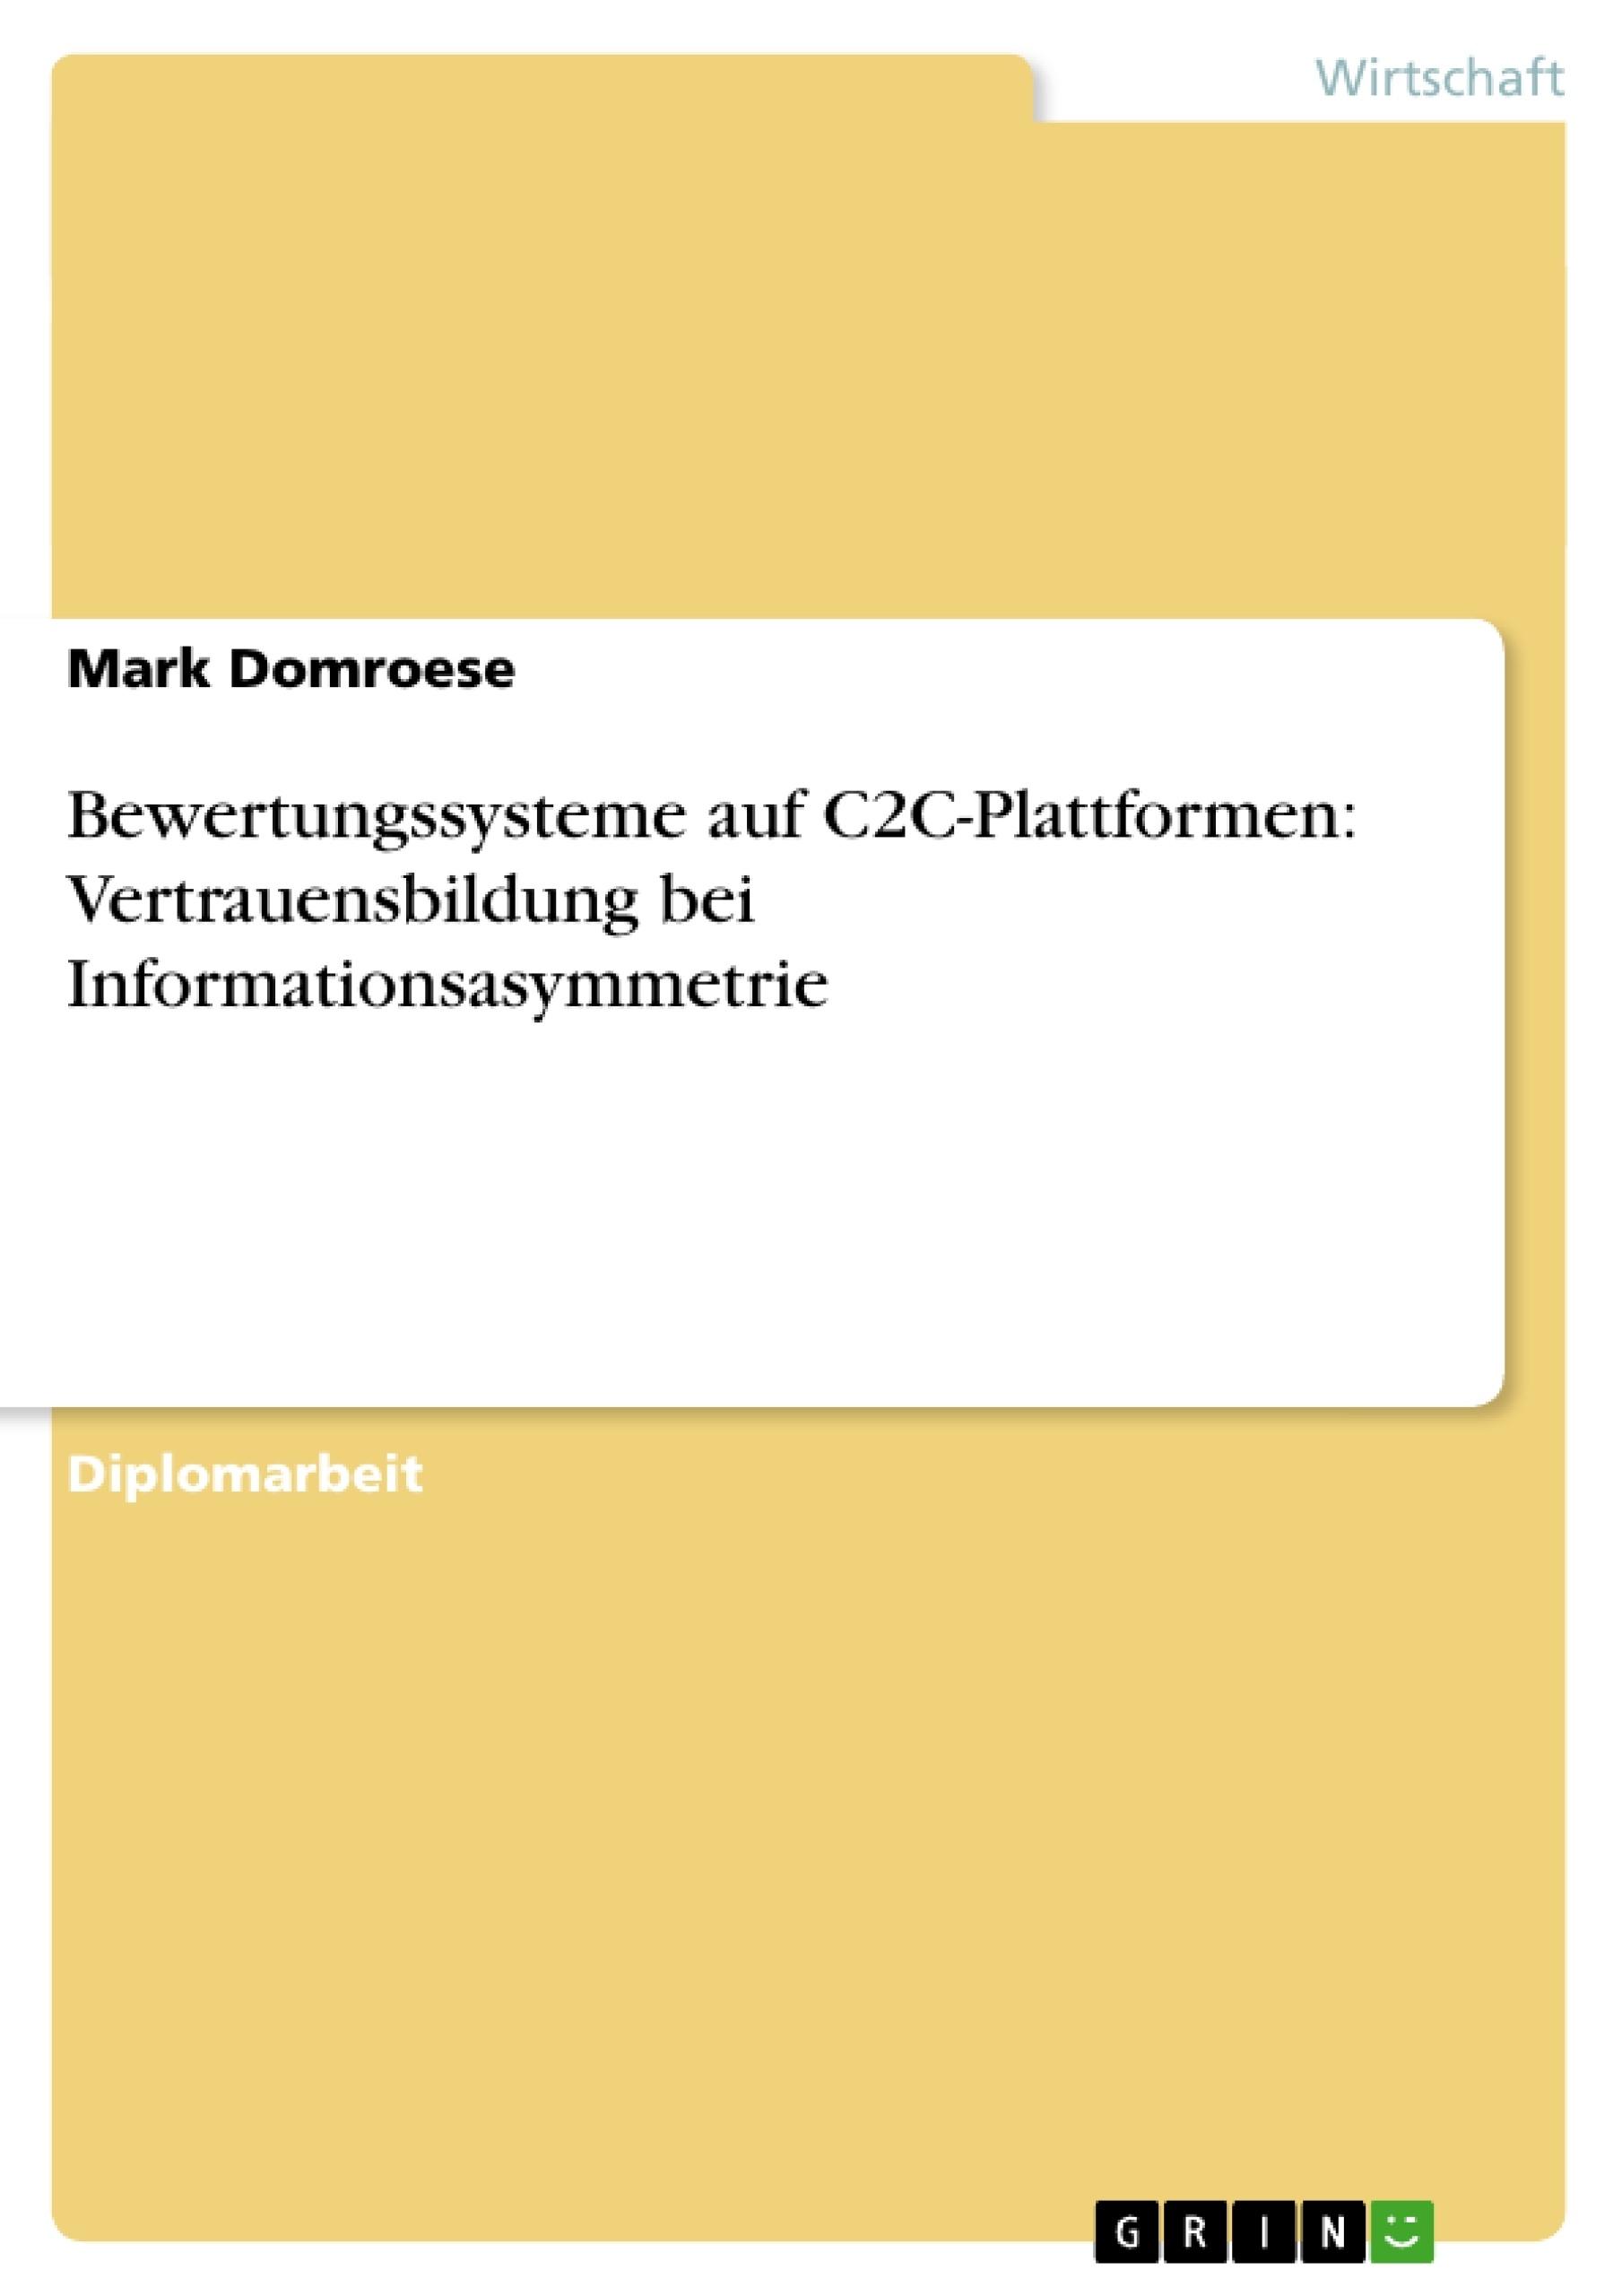 Titel: Bewertungssysteme auf C2C-Plattformen: Vertrauensbildung bei Informationsasymmetrie